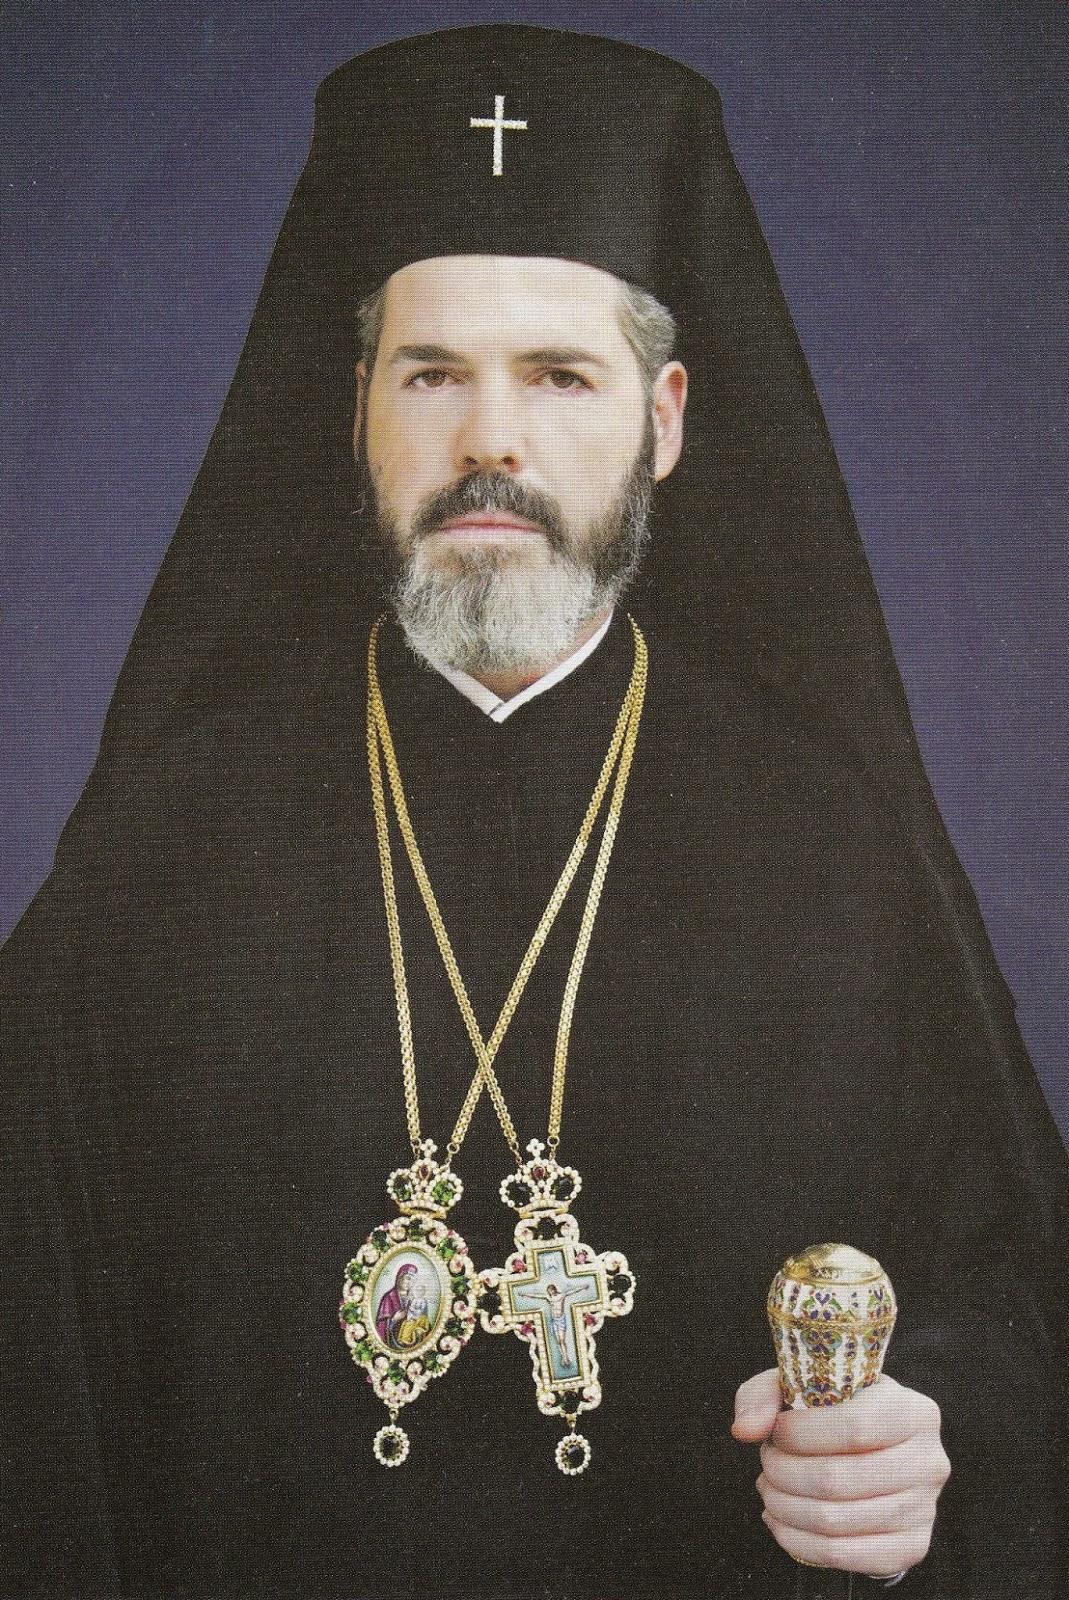 Негово Високопреосвещенство Антоний, Западно и Средноевропейски митрополит